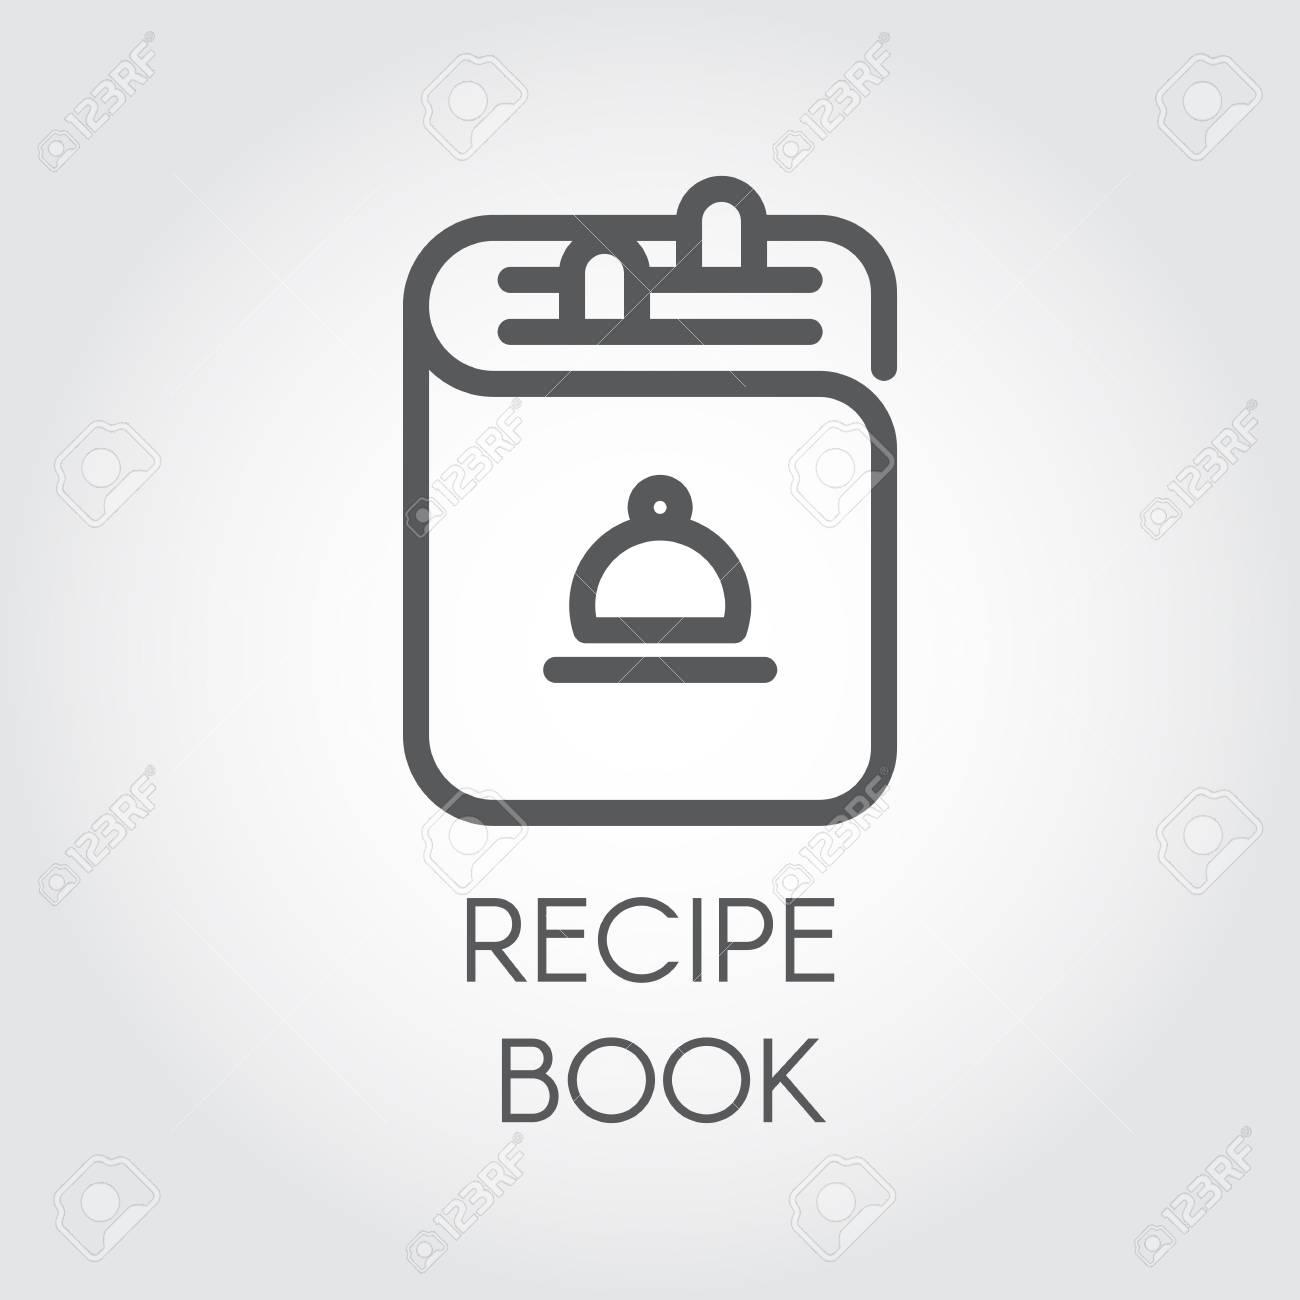 Icone Du Dessin Du Livre De Recettes Dans La Conception Des Contours Livre Blanc Cookbook Pour Differents Projets Culinaires Illustration